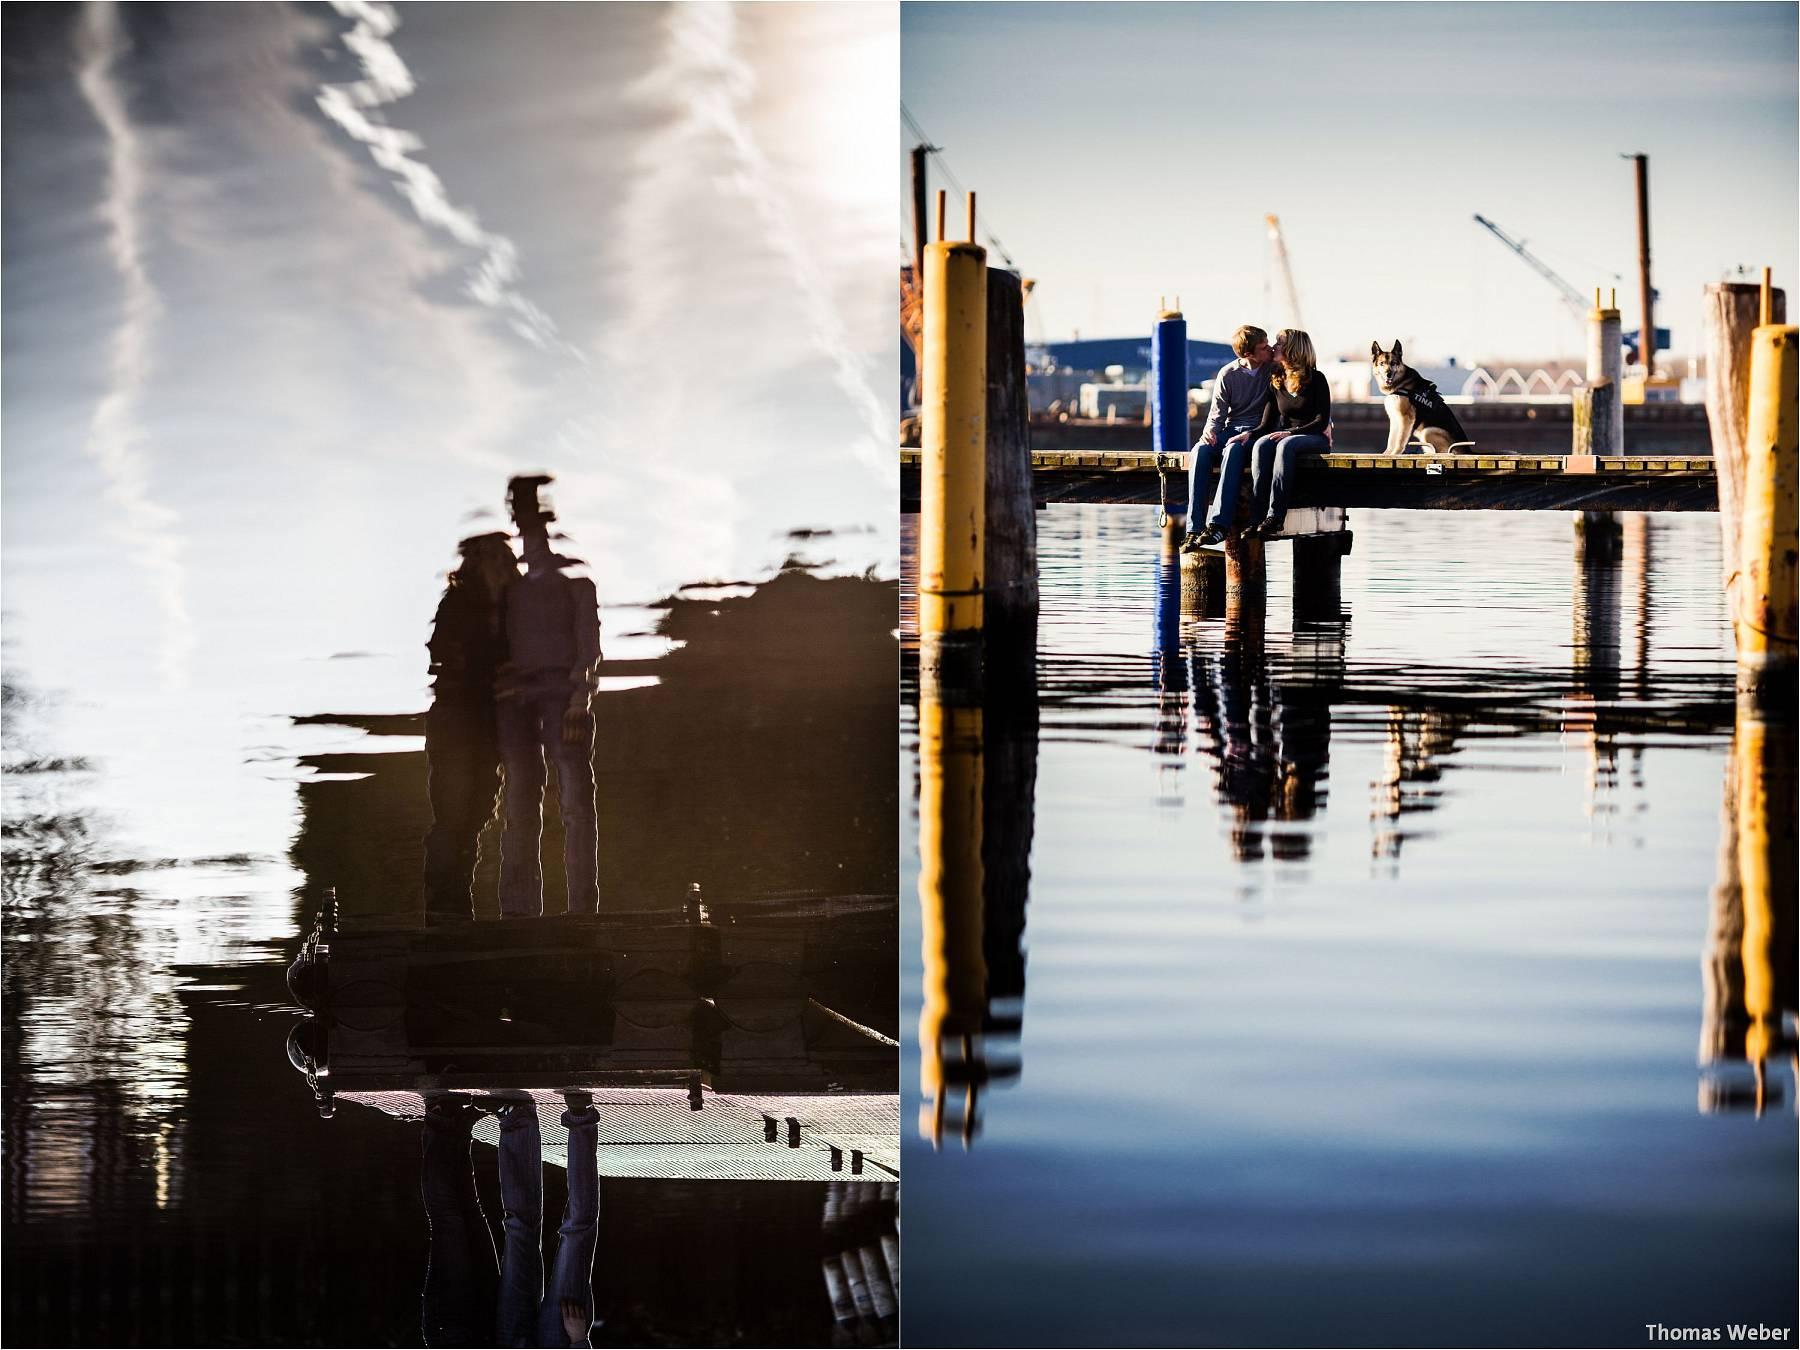 Hochzeitsfotograf Wilhelmshaven: Engagement- und Verlobungsfotos für die Einladungskarten der Hochzeit (7)